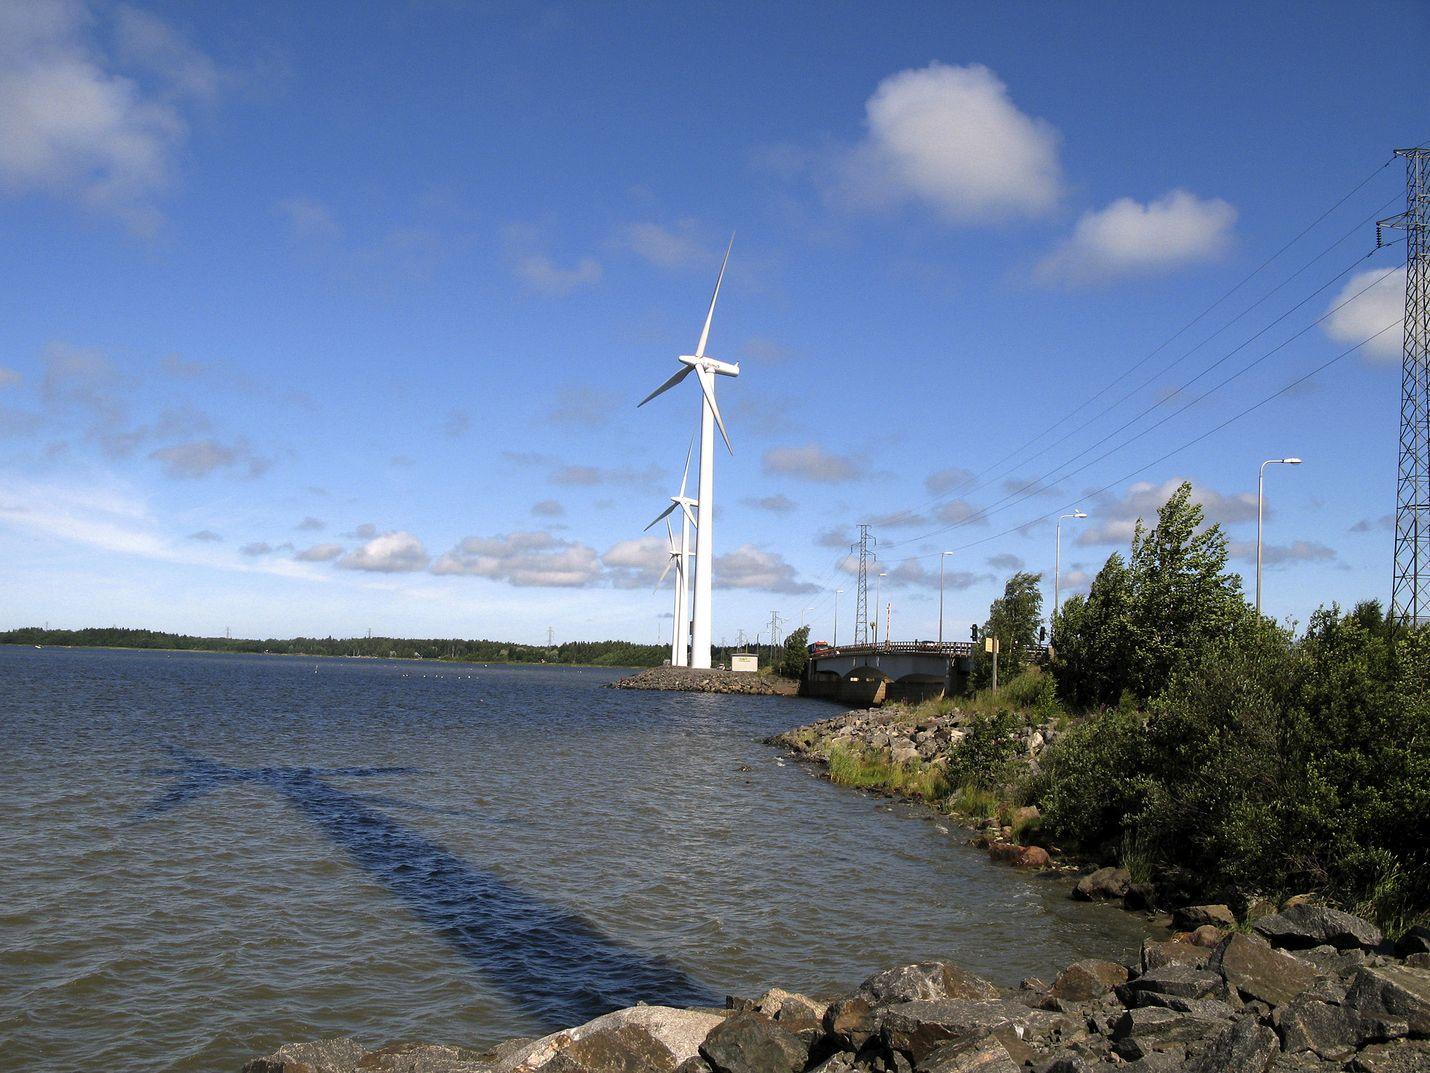 Tuulivoimatuotantoa ei voi käynnistää kaavoittamattomalla alueella pelkän hakemusmenettelyn kautta, linjasi oikeus Pyhärantaa koskevassa päätöksessään. Porin Reposaaressa tuulisähköä on tuotettu jo pitkään.